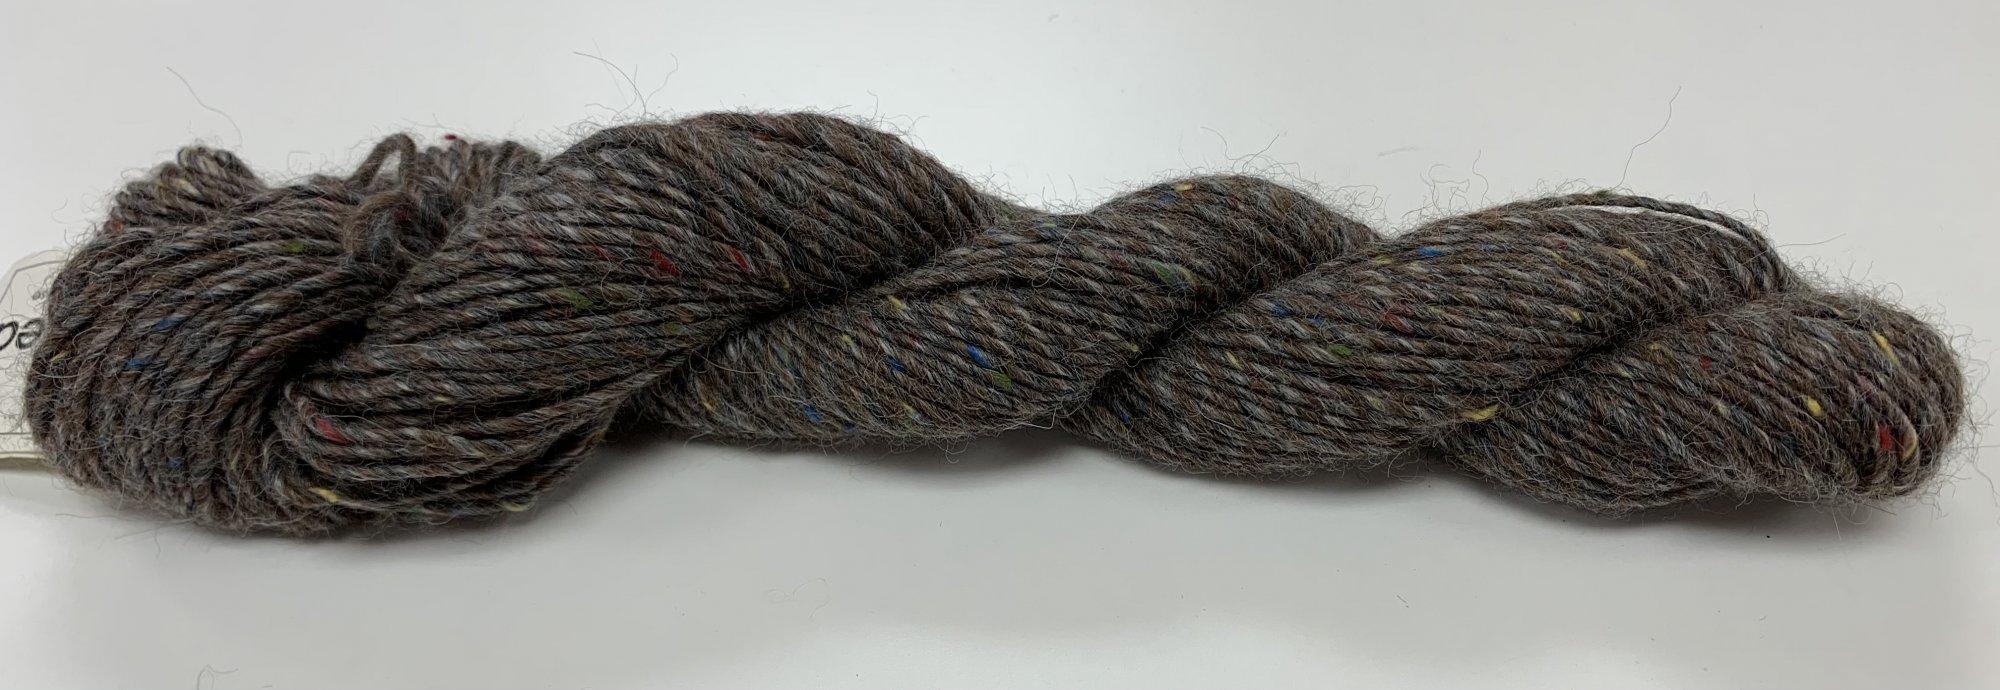 Tiverton Tweed (disc)